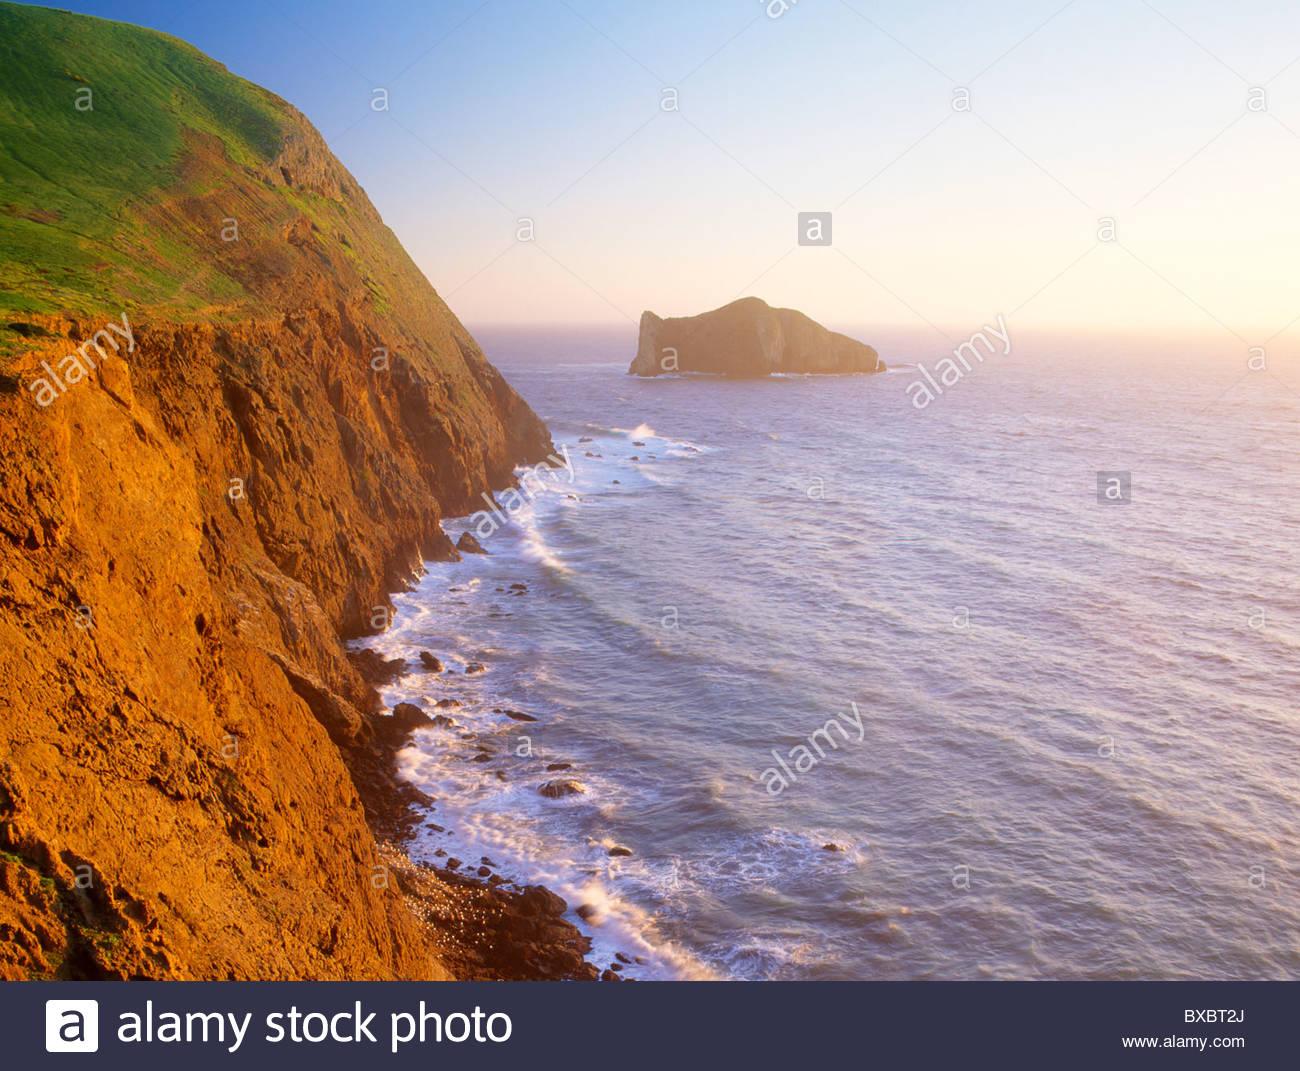 La rive ouest de l'île de Santa Barbara avec Sutil Island. Channel Islands National Park, en Californie. Photo Stock